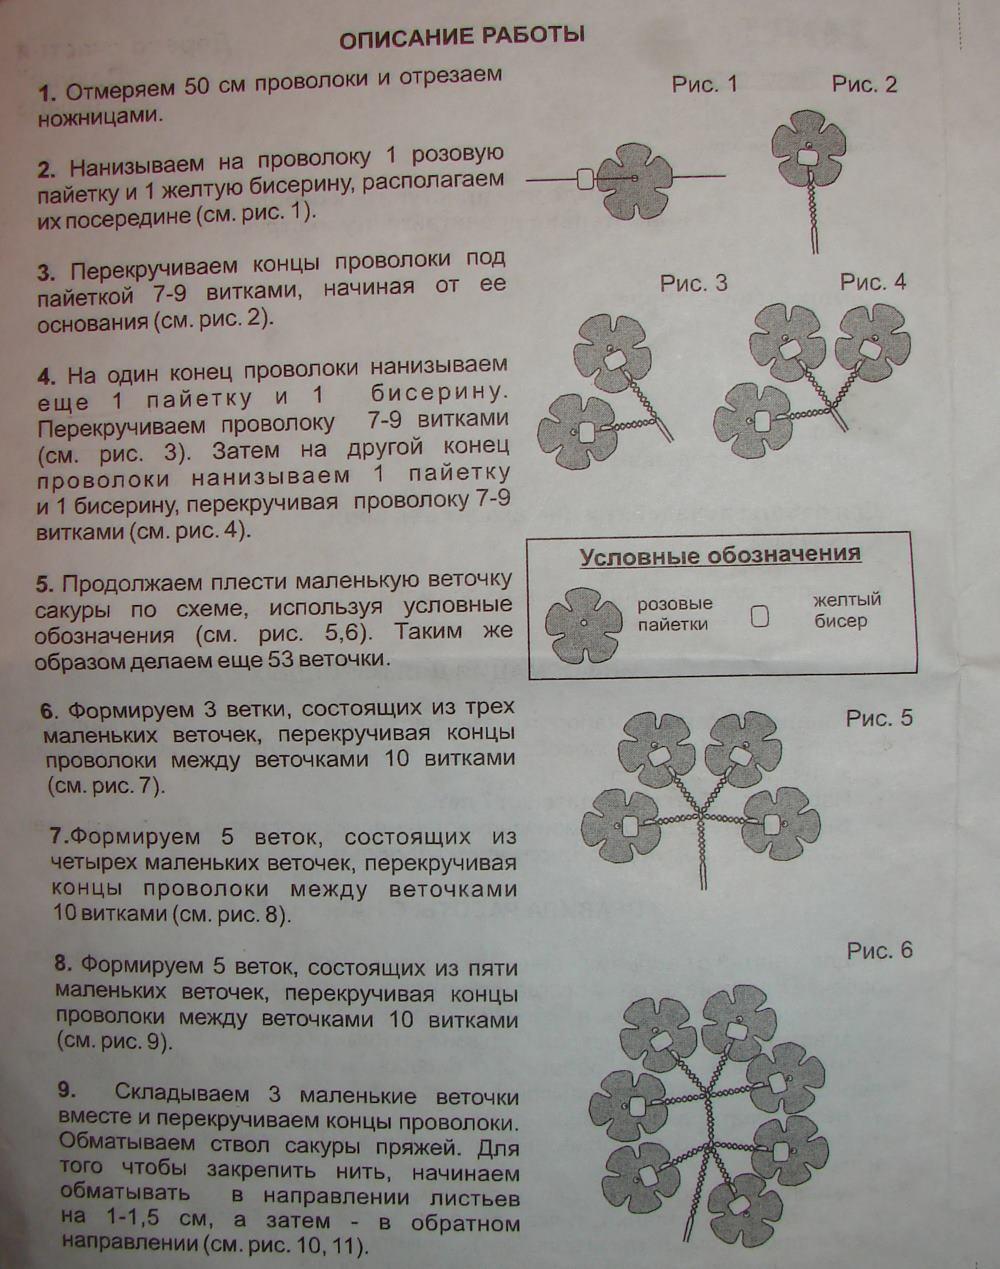 инструкция поделки дерево из пайеток